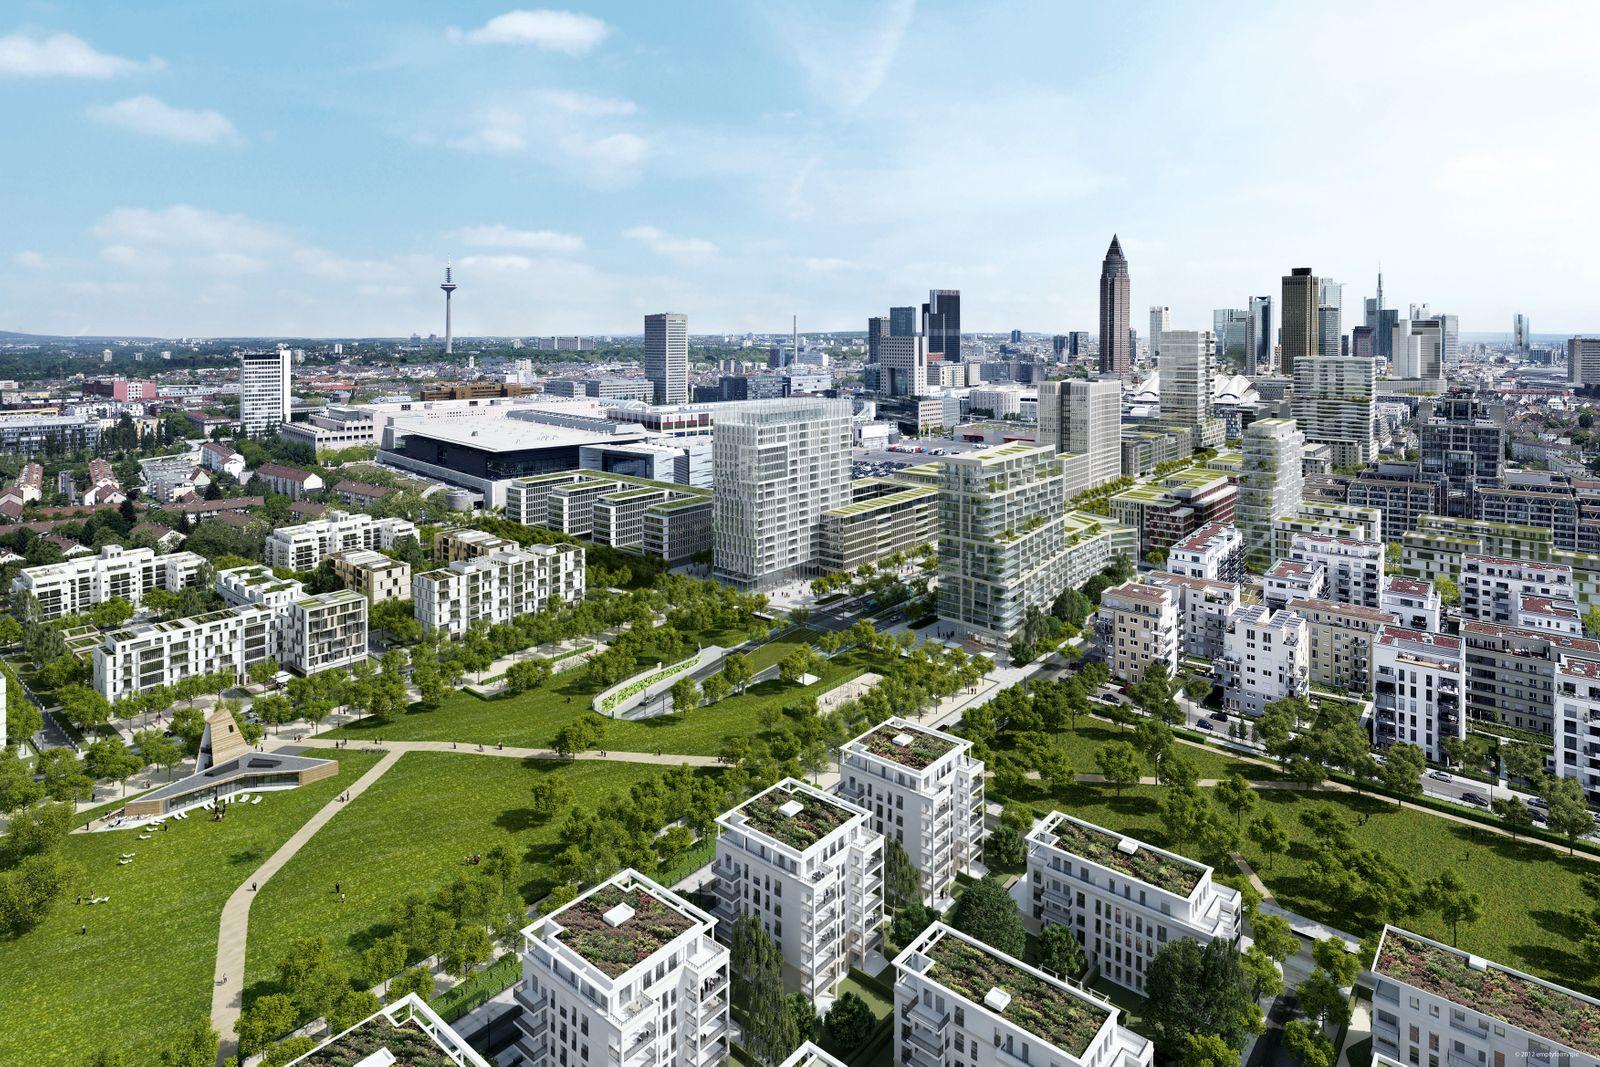 Europaviertel West Frankfurt / Skizze